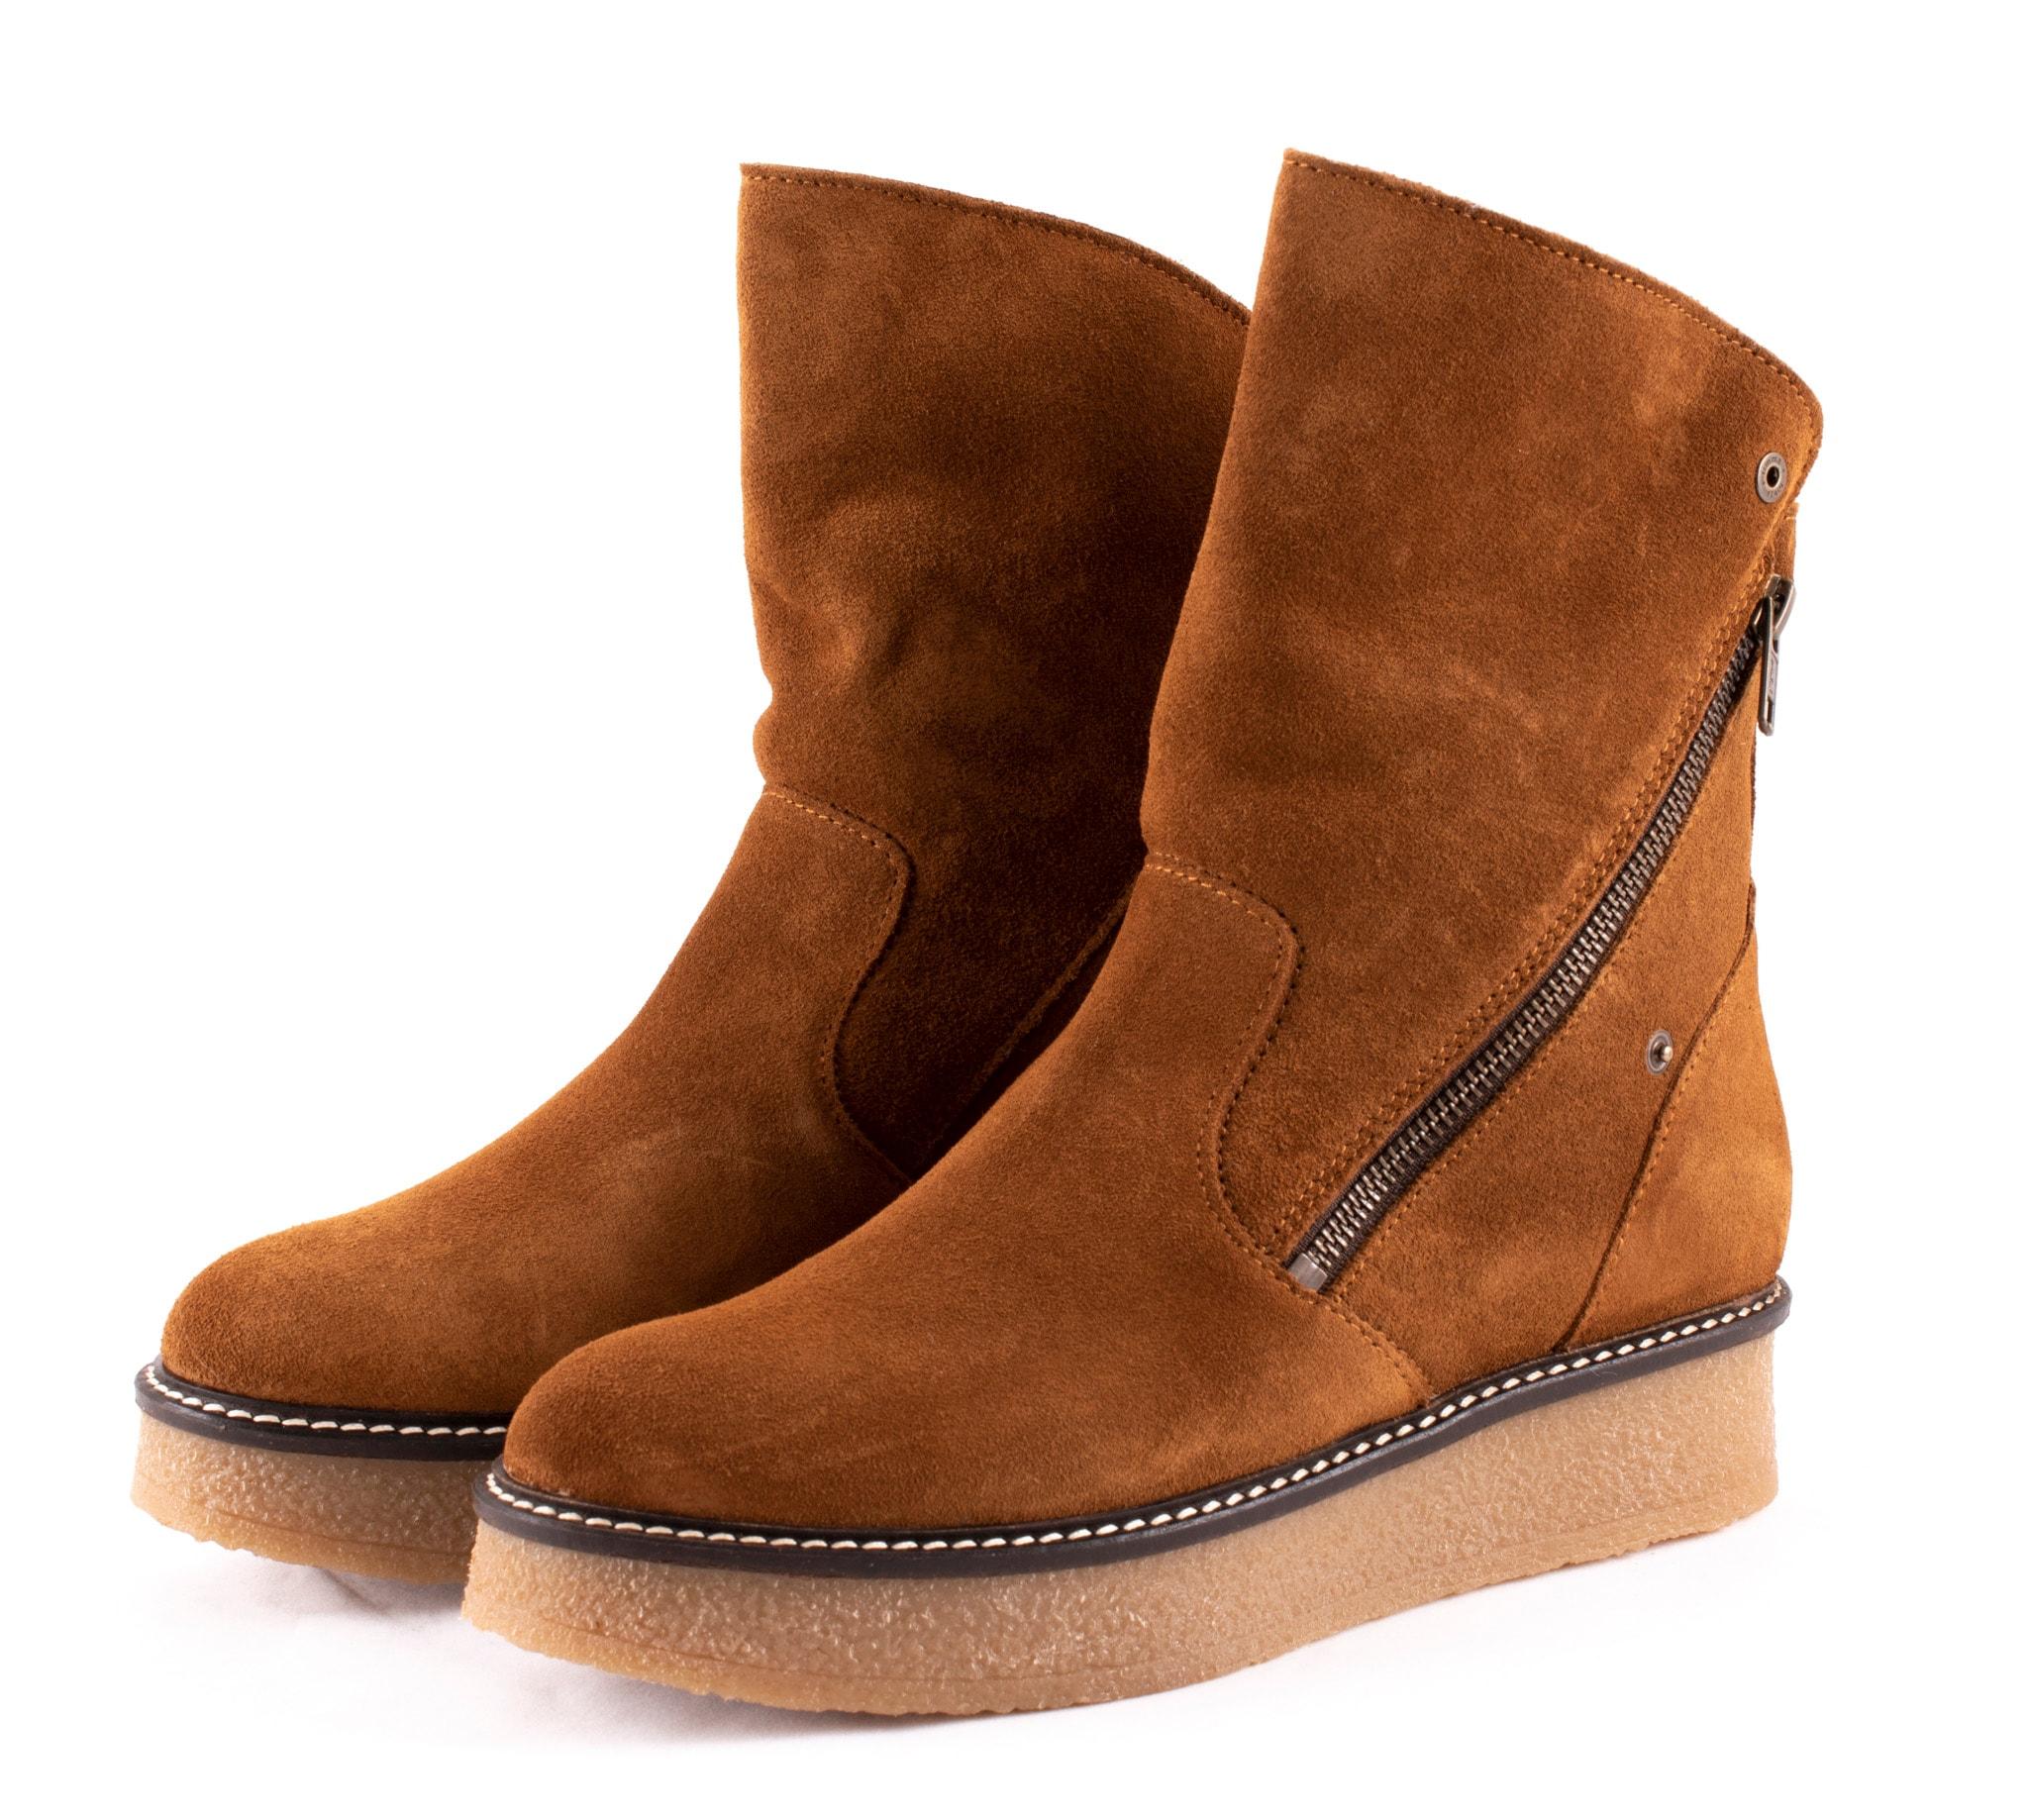 Karita boots